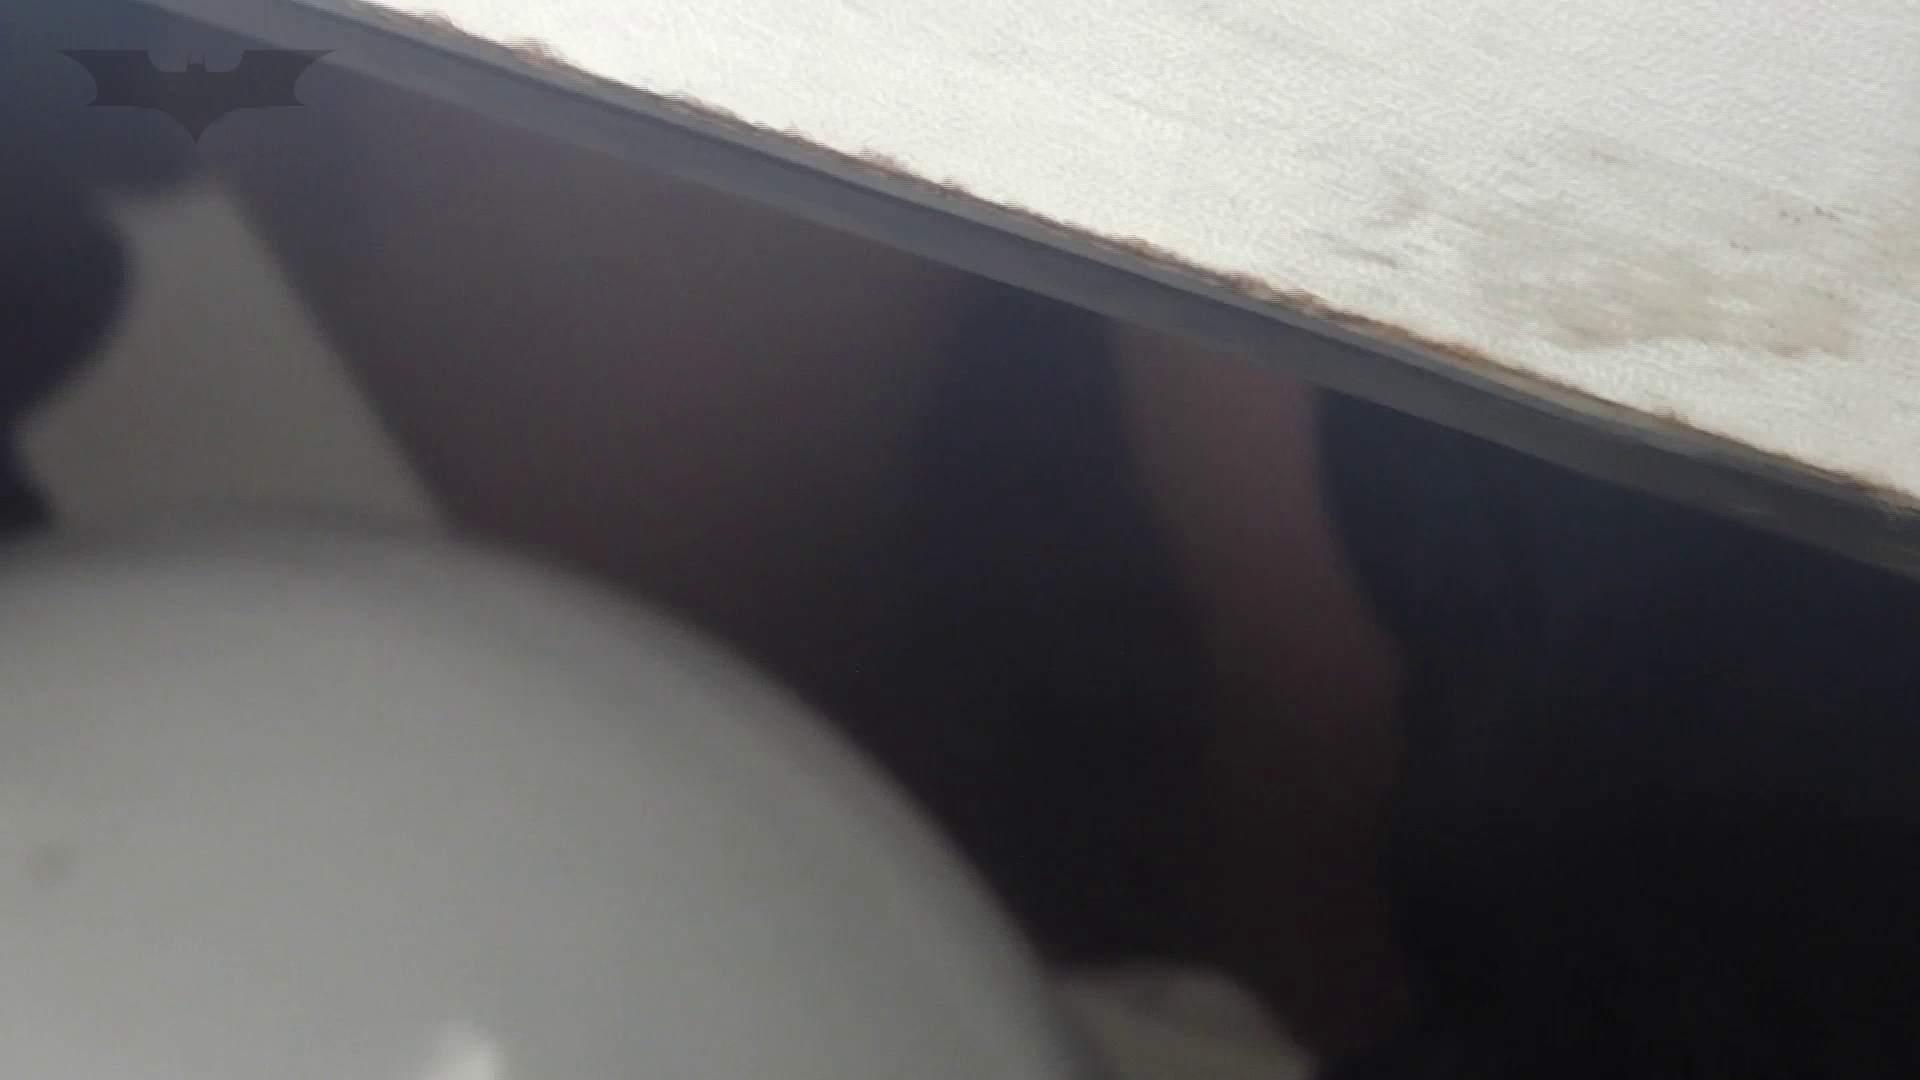 潜入!!台湾名門女学院 Vol.05 15センチ以上の濃厚糸を垂らしながら爽快 潜入 エロ画像 82PIX 51